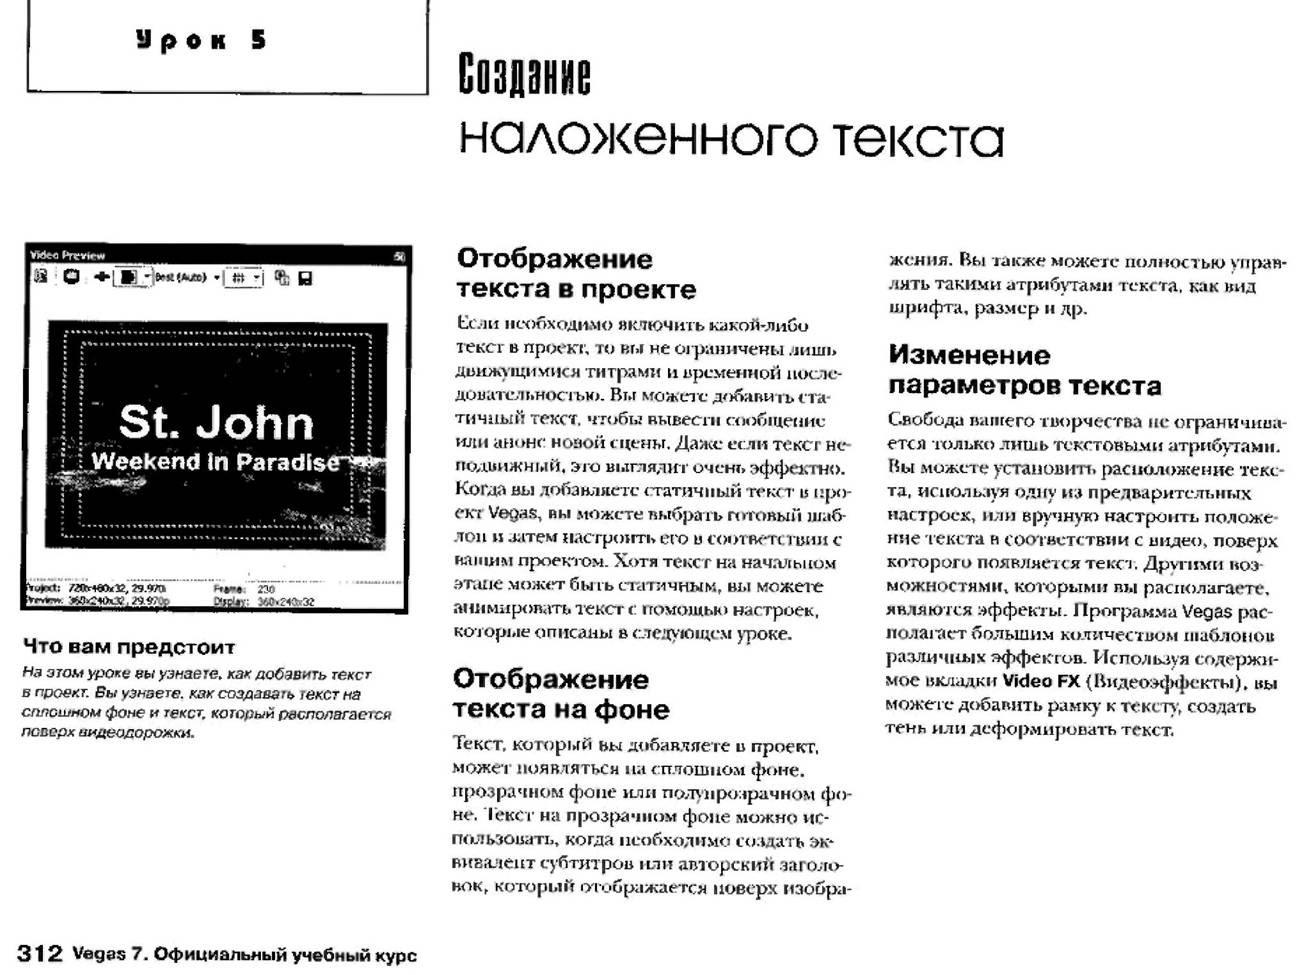 http://redaktori-uroki.3dn.ru/_ph/12/979906113.jpg